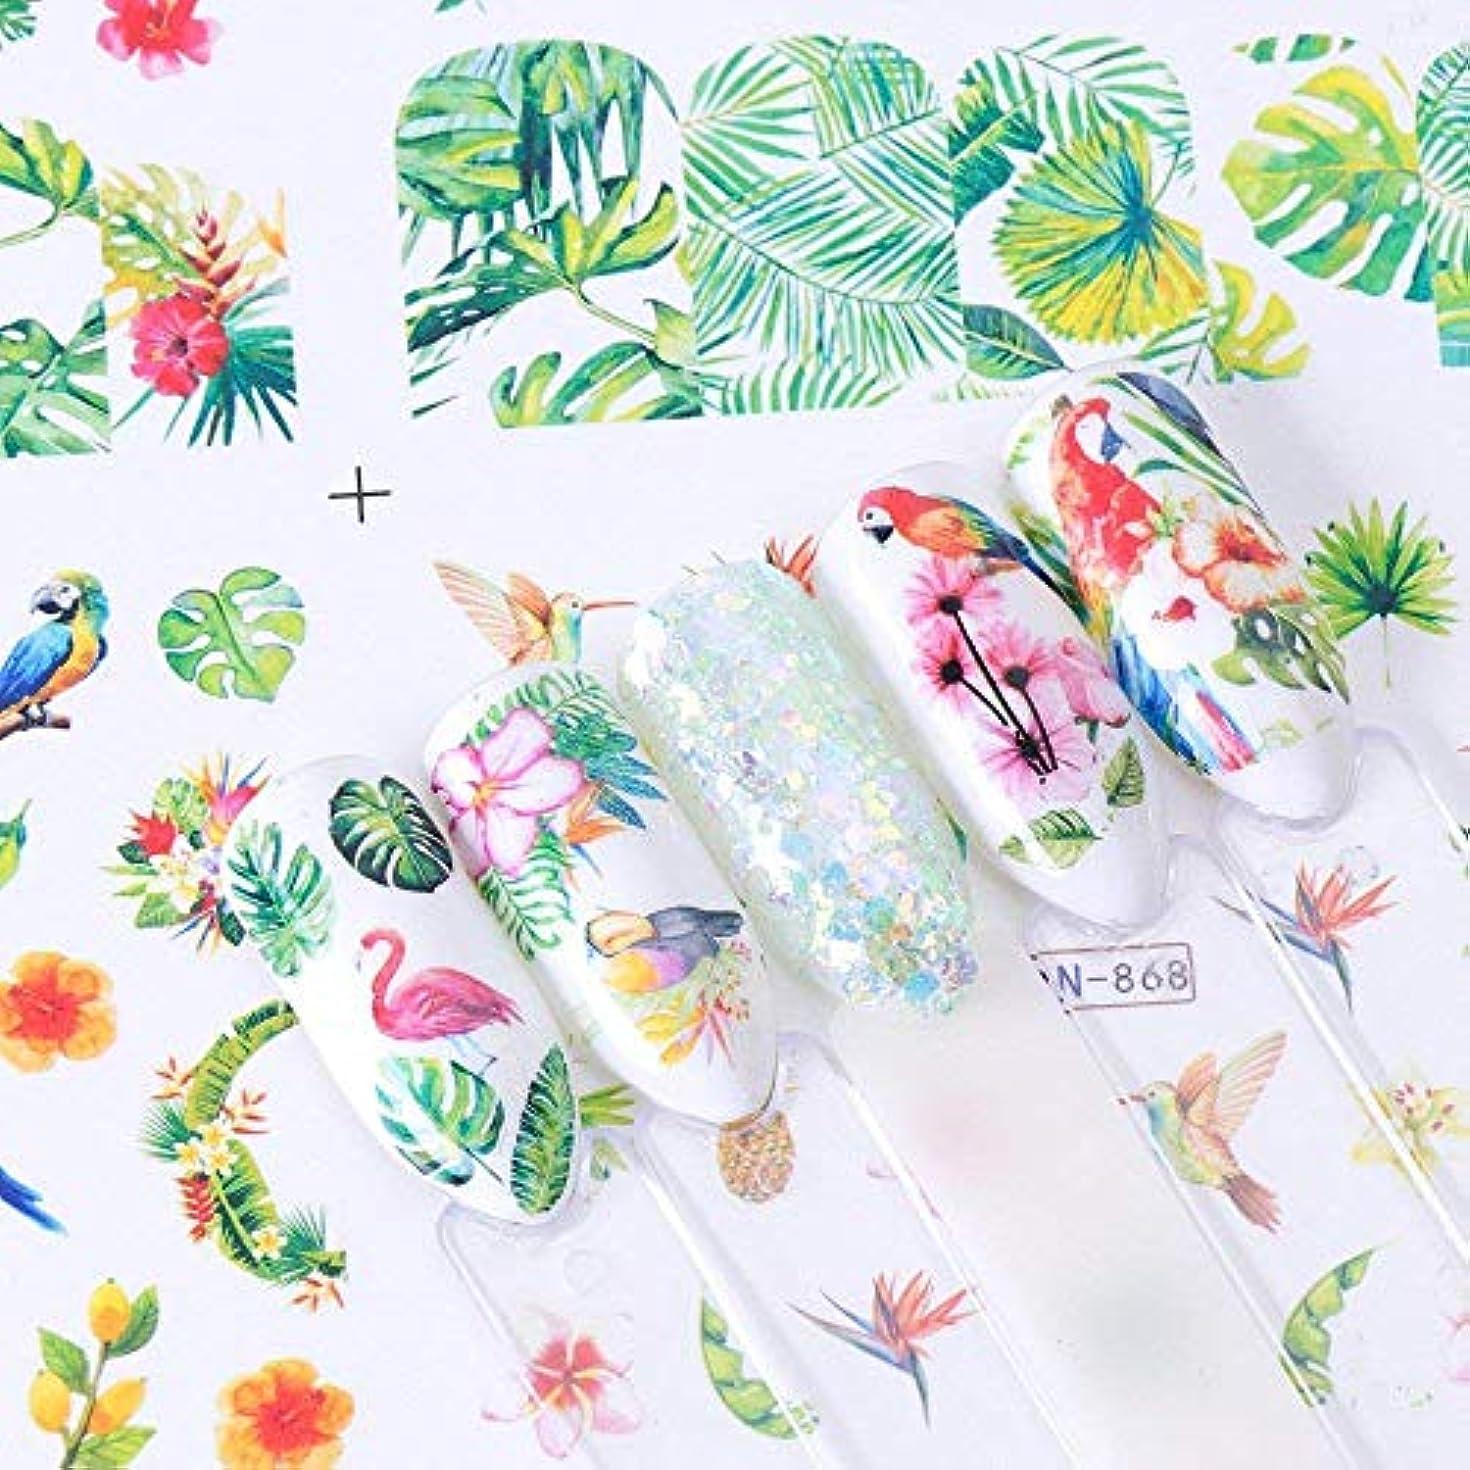 懸念熱帯の誇張12枚セット フラミンゴ 花 フラワー モンステラネイルシール ウォーターネイルシール ジェルネイル セルフネイル レジン フラミンゴ 鳥 夏 ネイルシール ピンクフラミンゴシール ピンク